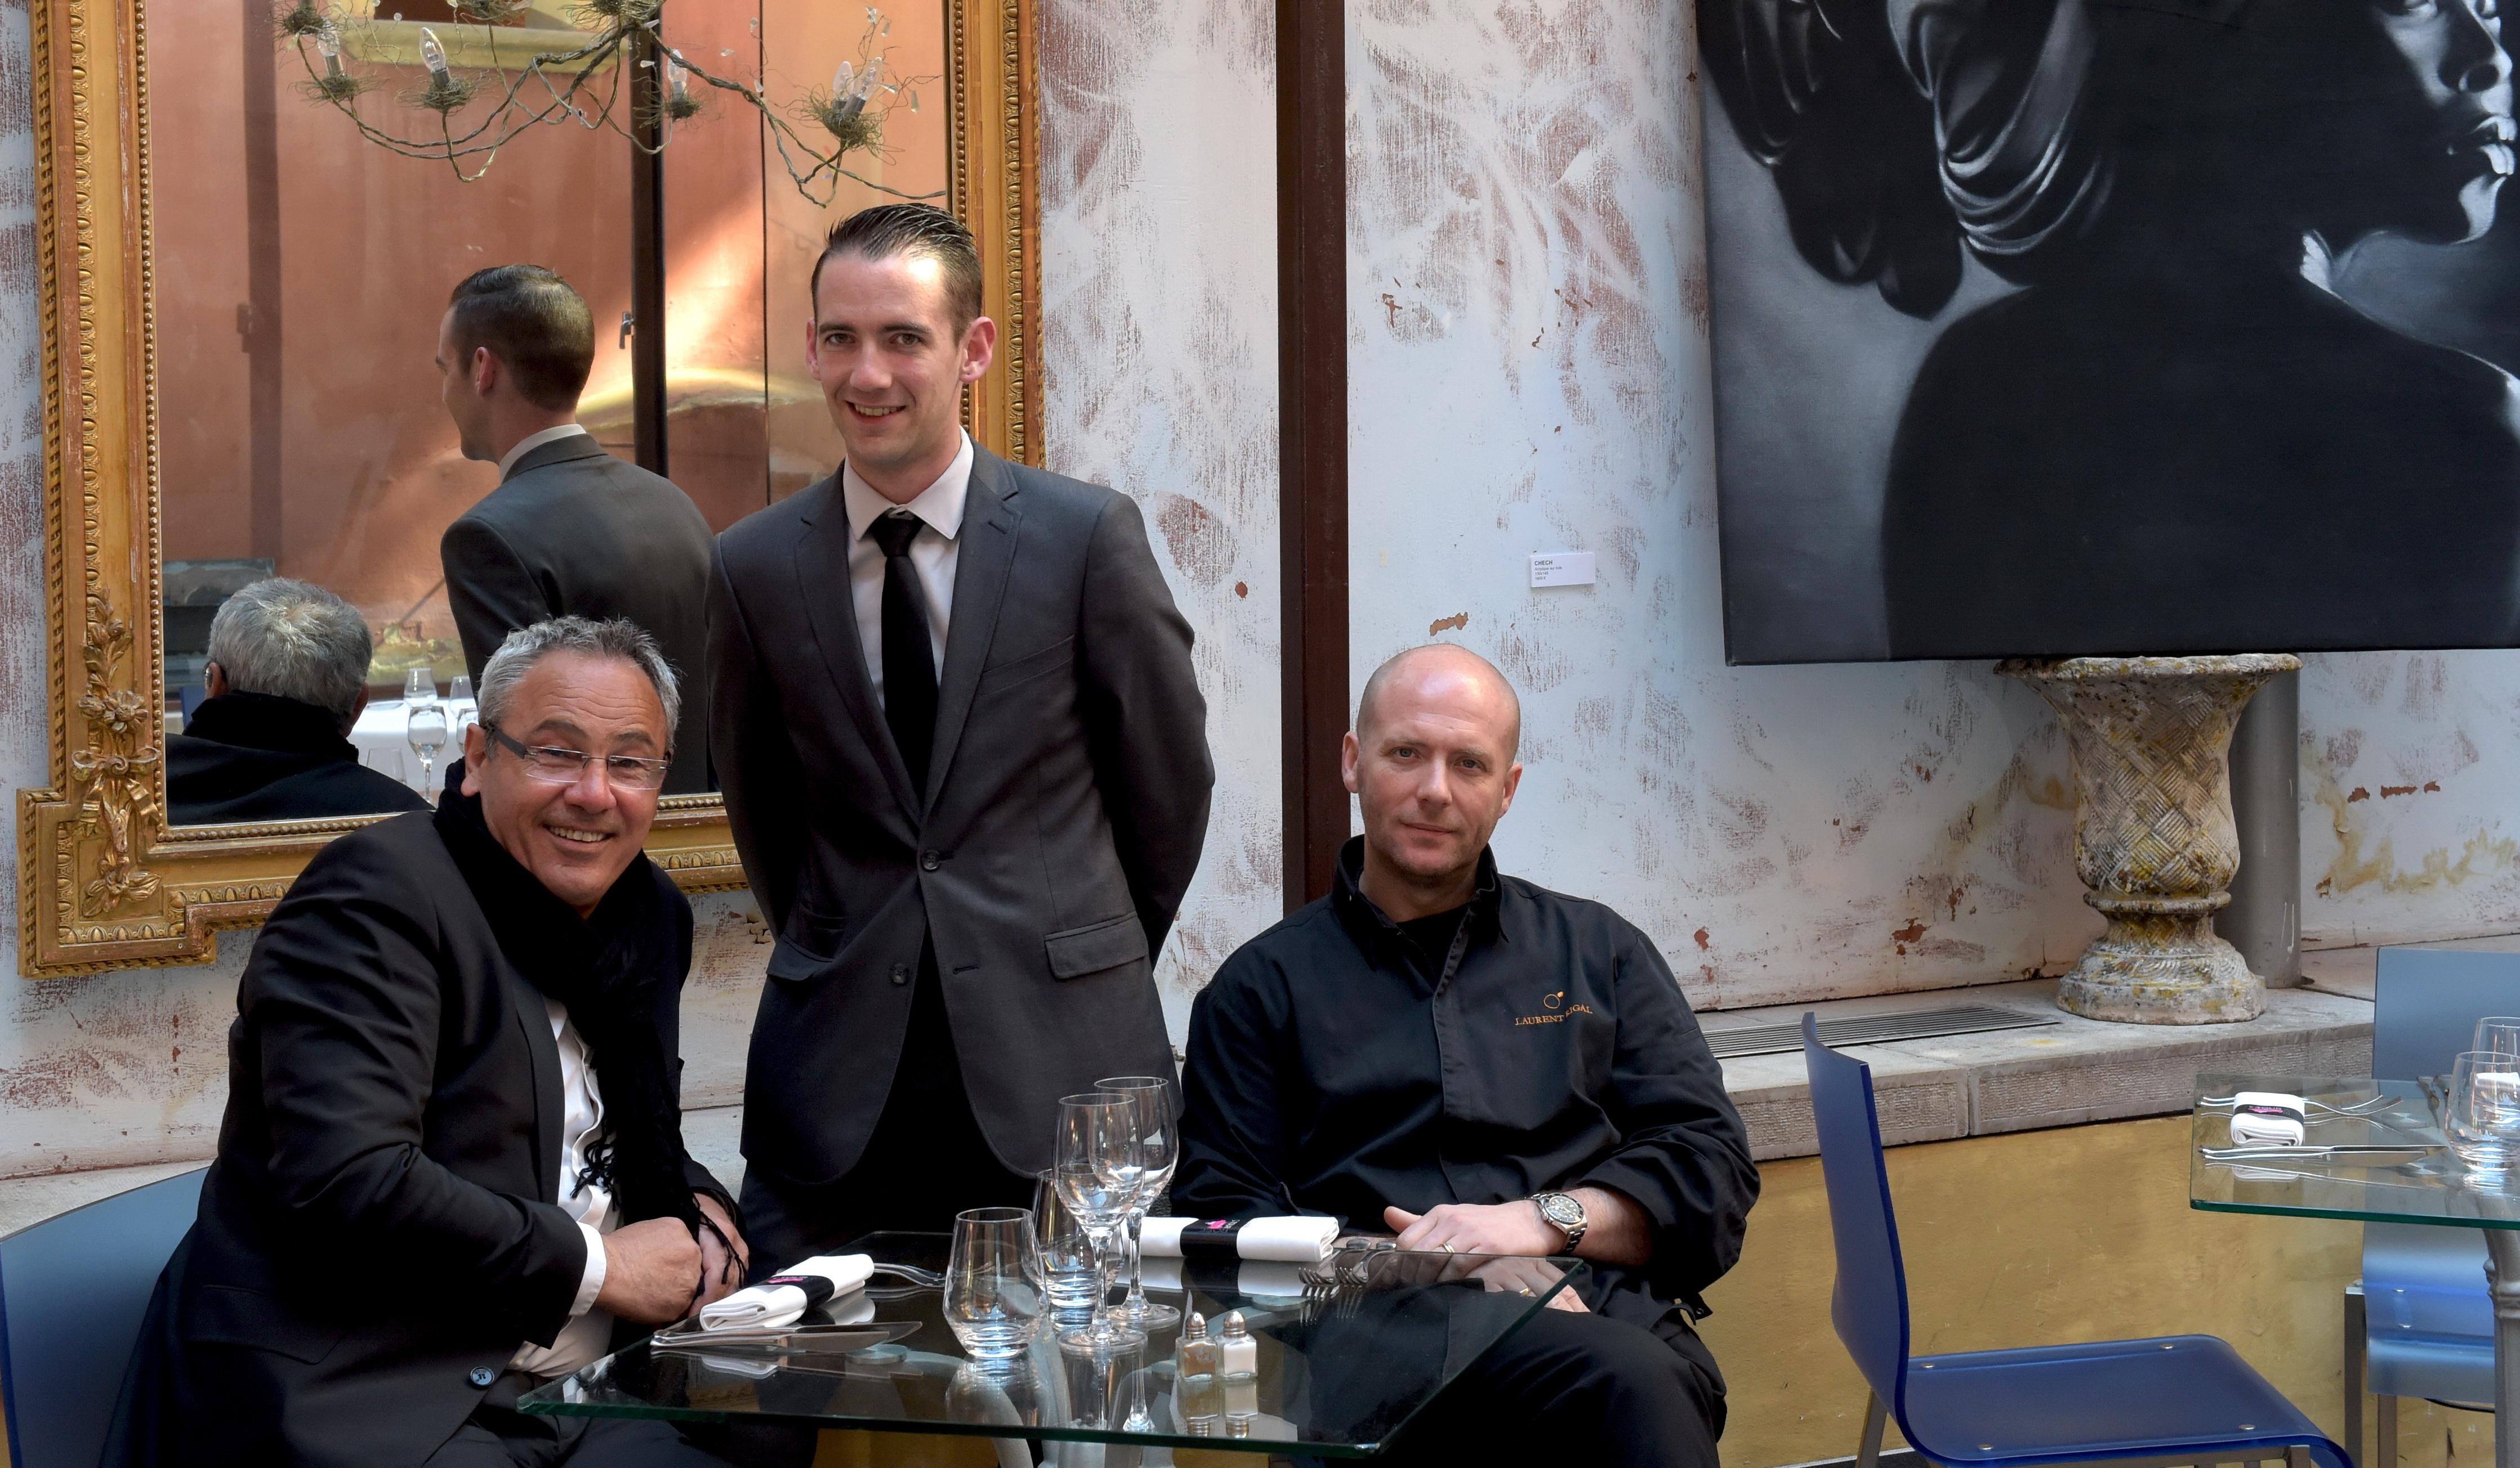 La Tour rose. Le chef étoilé Laurent Rigal signe la nouvelle carte